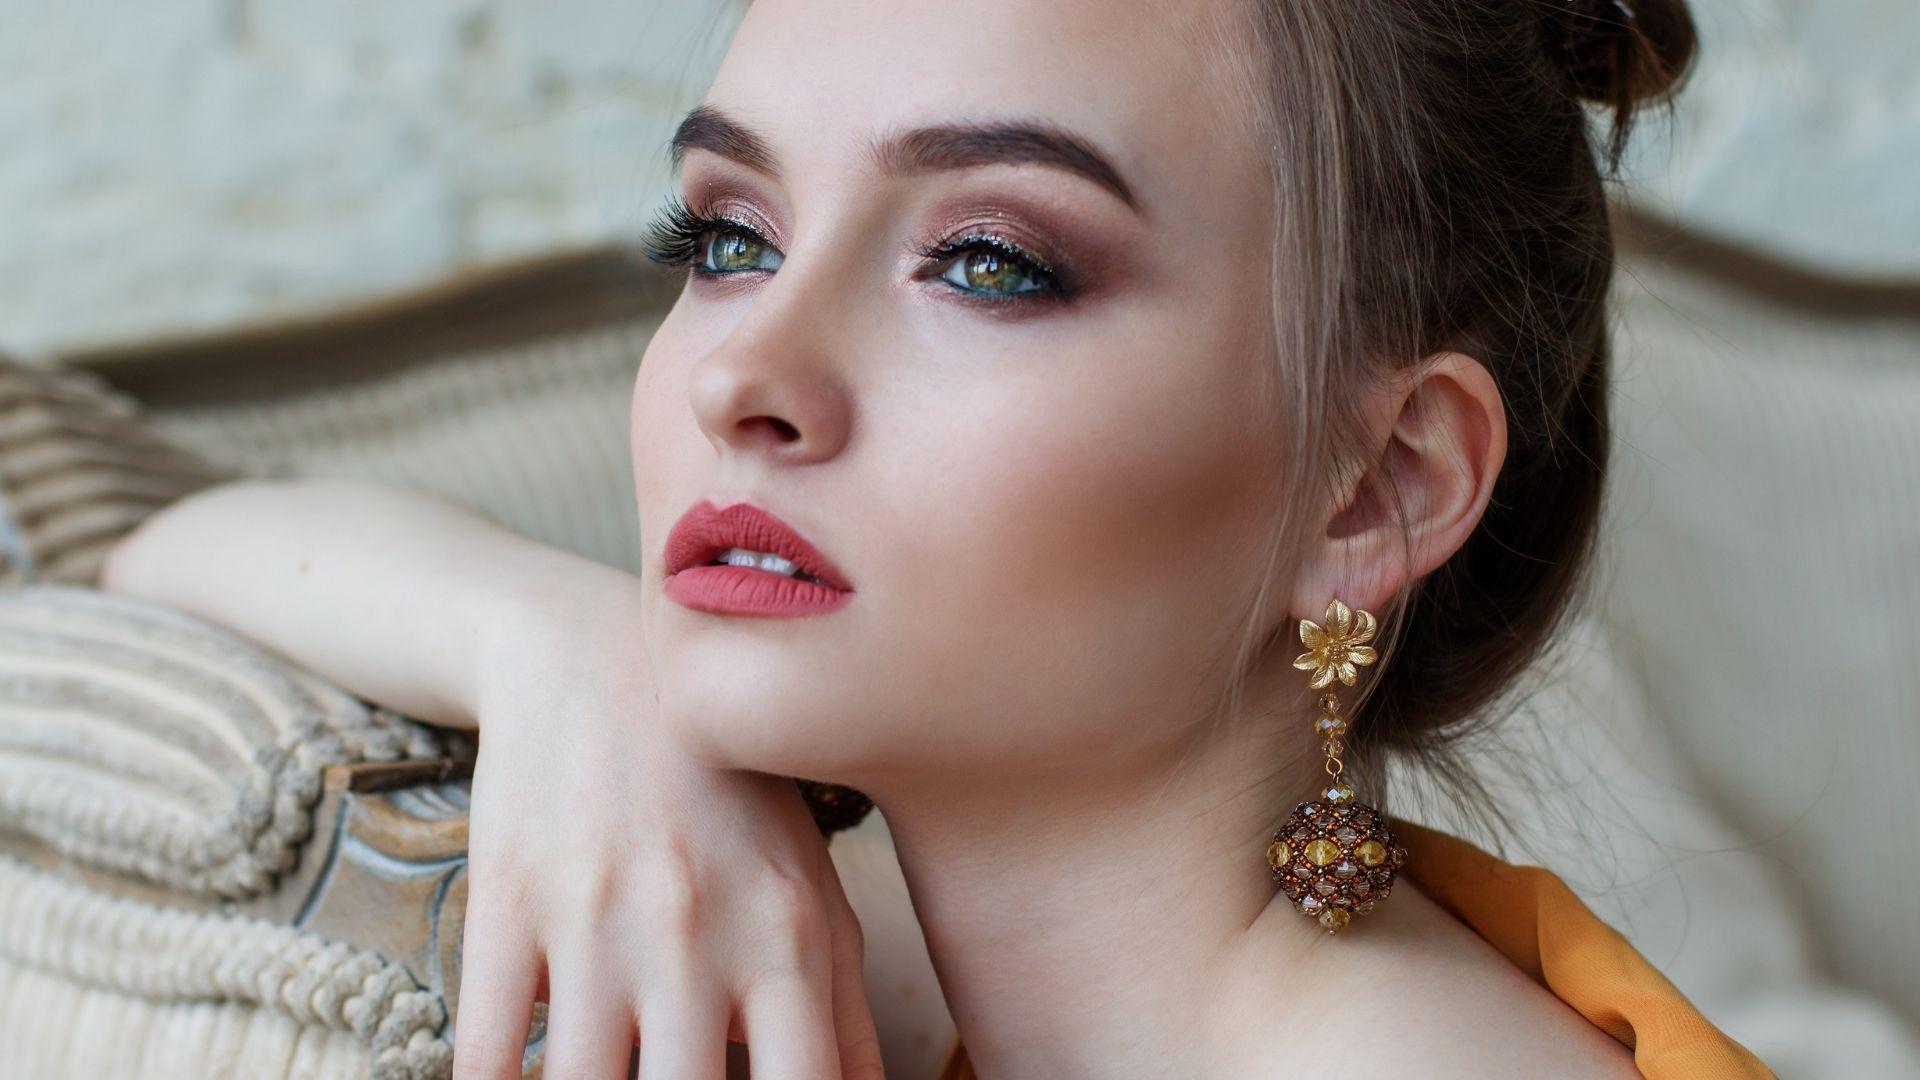 ¿Cómo para maquillarse bien? Pasos fáciles para un acabado perfecto